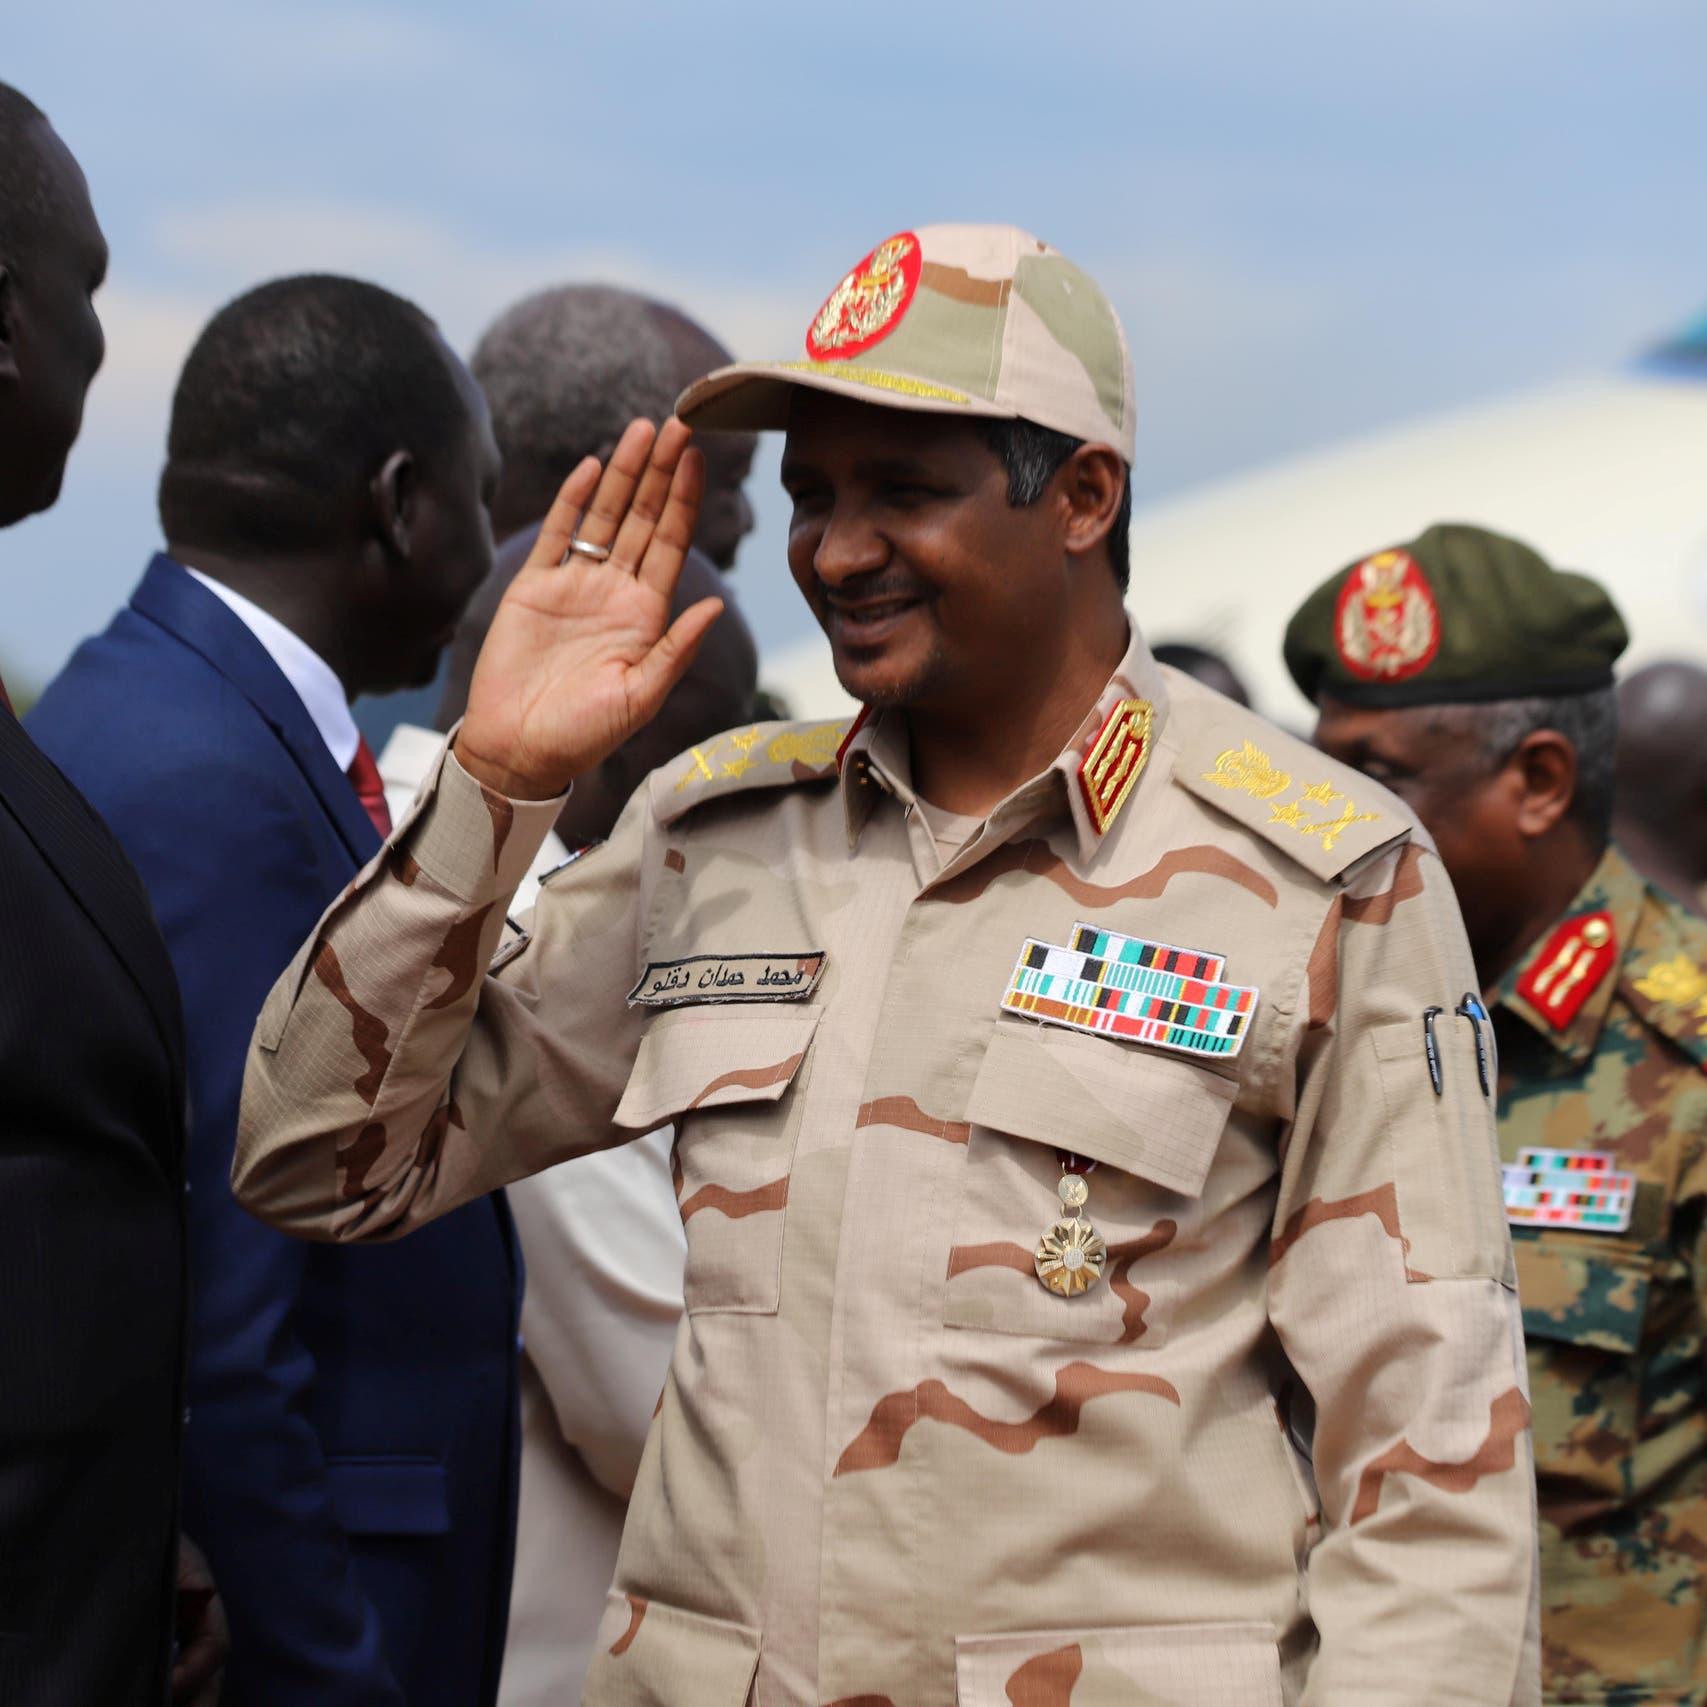 حميدتي: السودان لم يتعرض لضغوط أميركية والتطبيع مكسب لنا